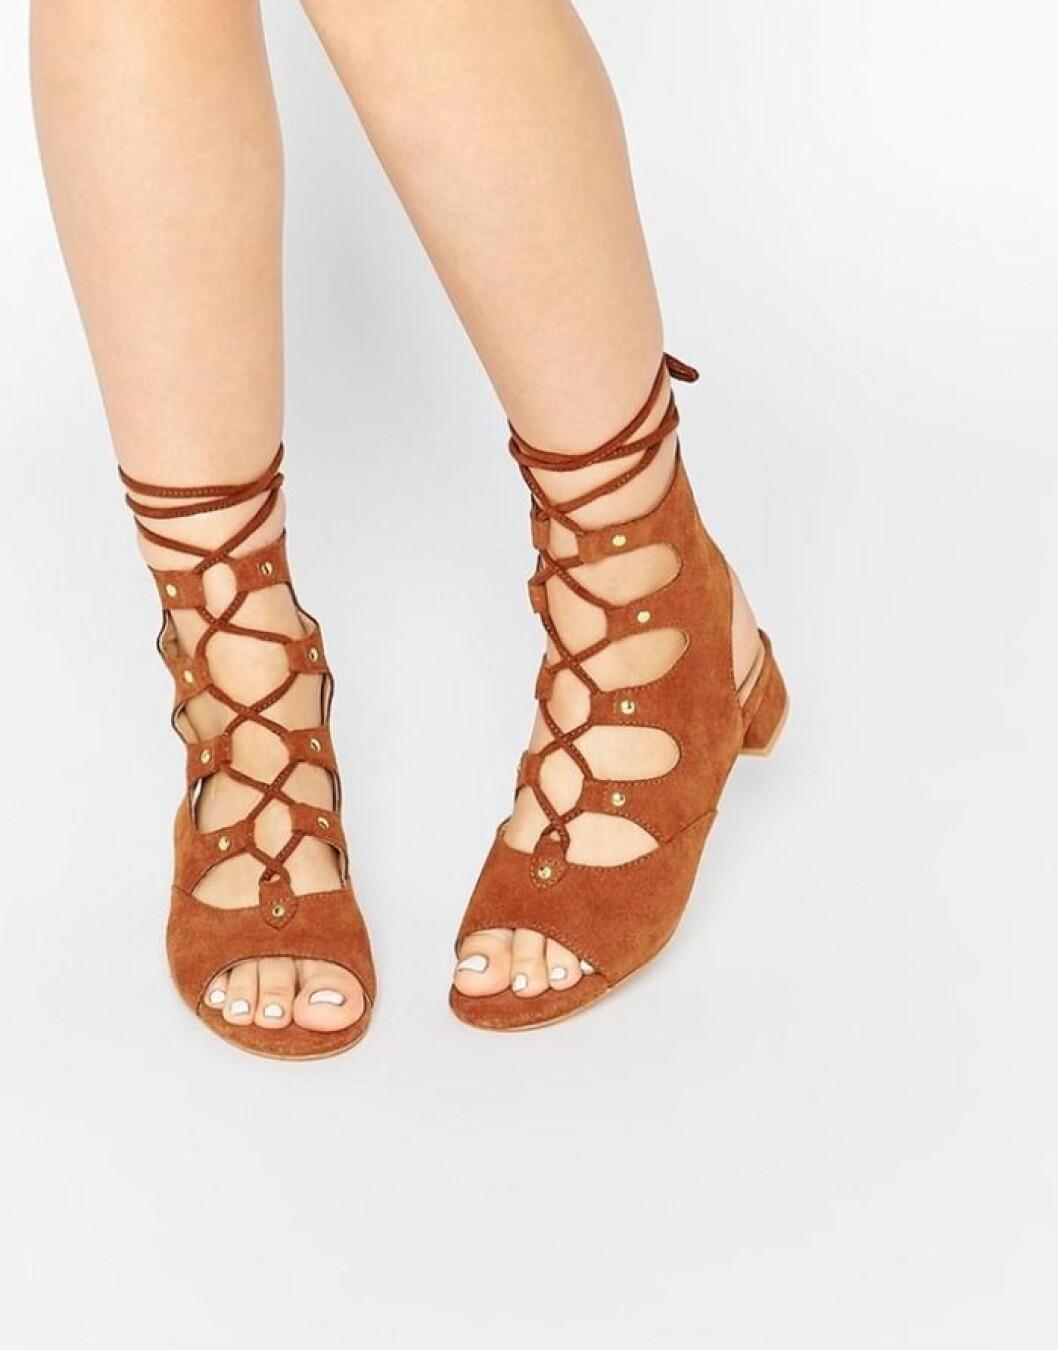 eeight sandal